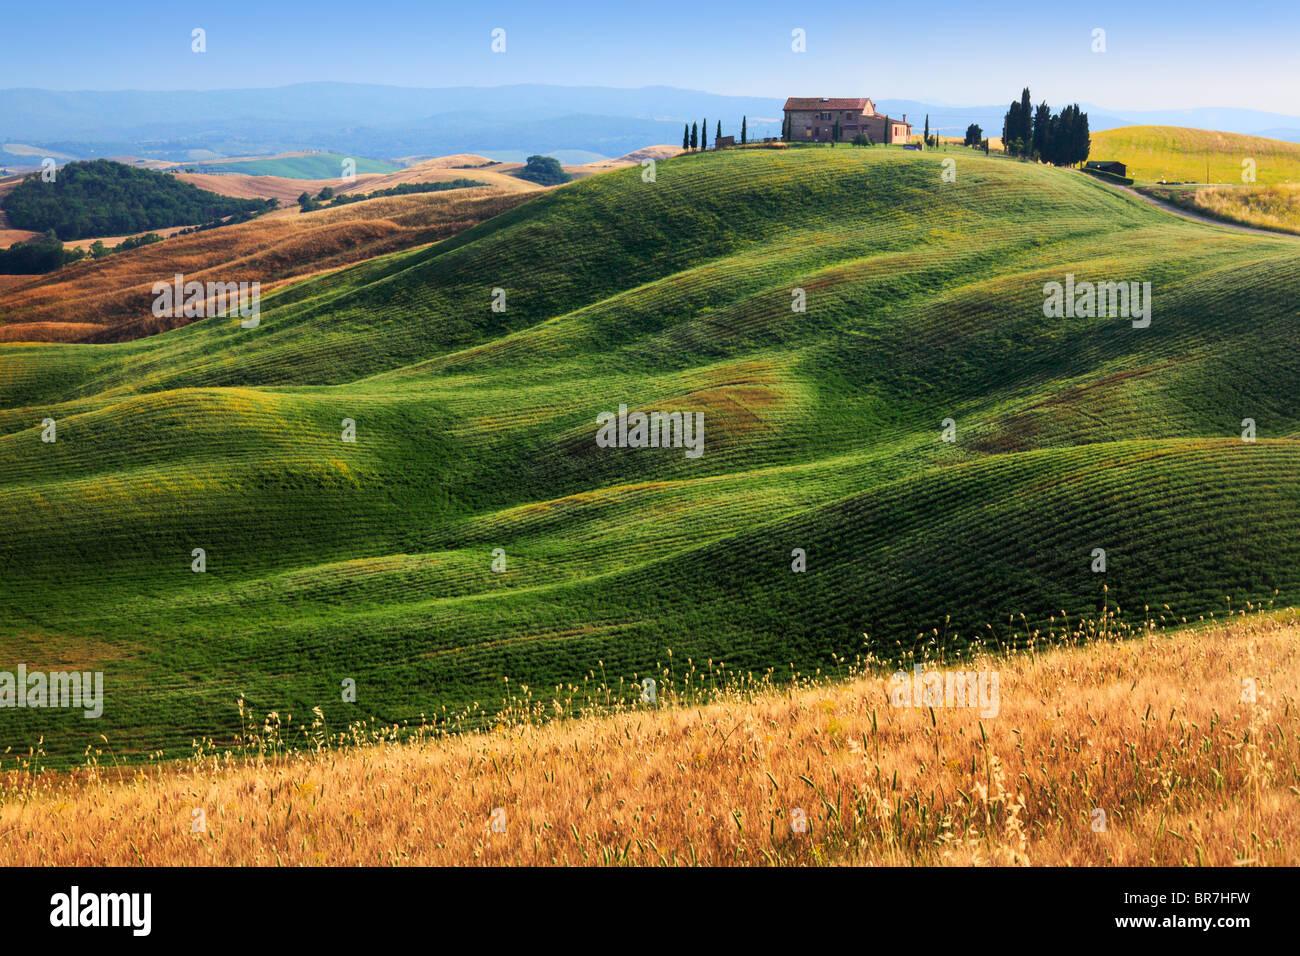 Villa colline près de Asciano dans centre de la Toscane, Italie Photo Stock